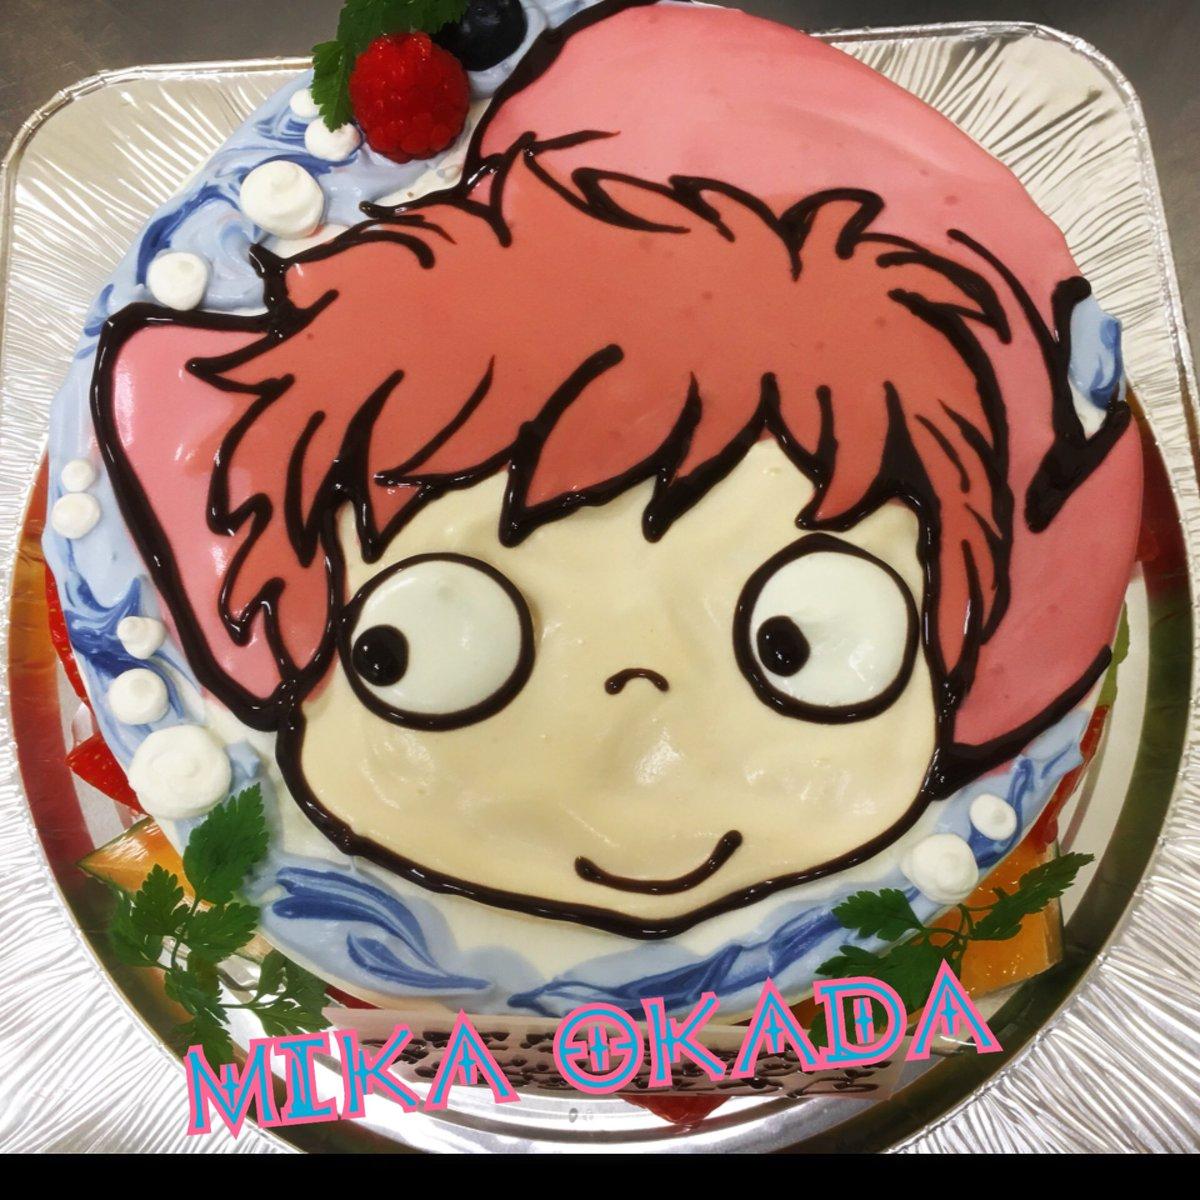 オカダ ミカ At 手描きイラストケーキ On Twitter ケーキ ポニョ